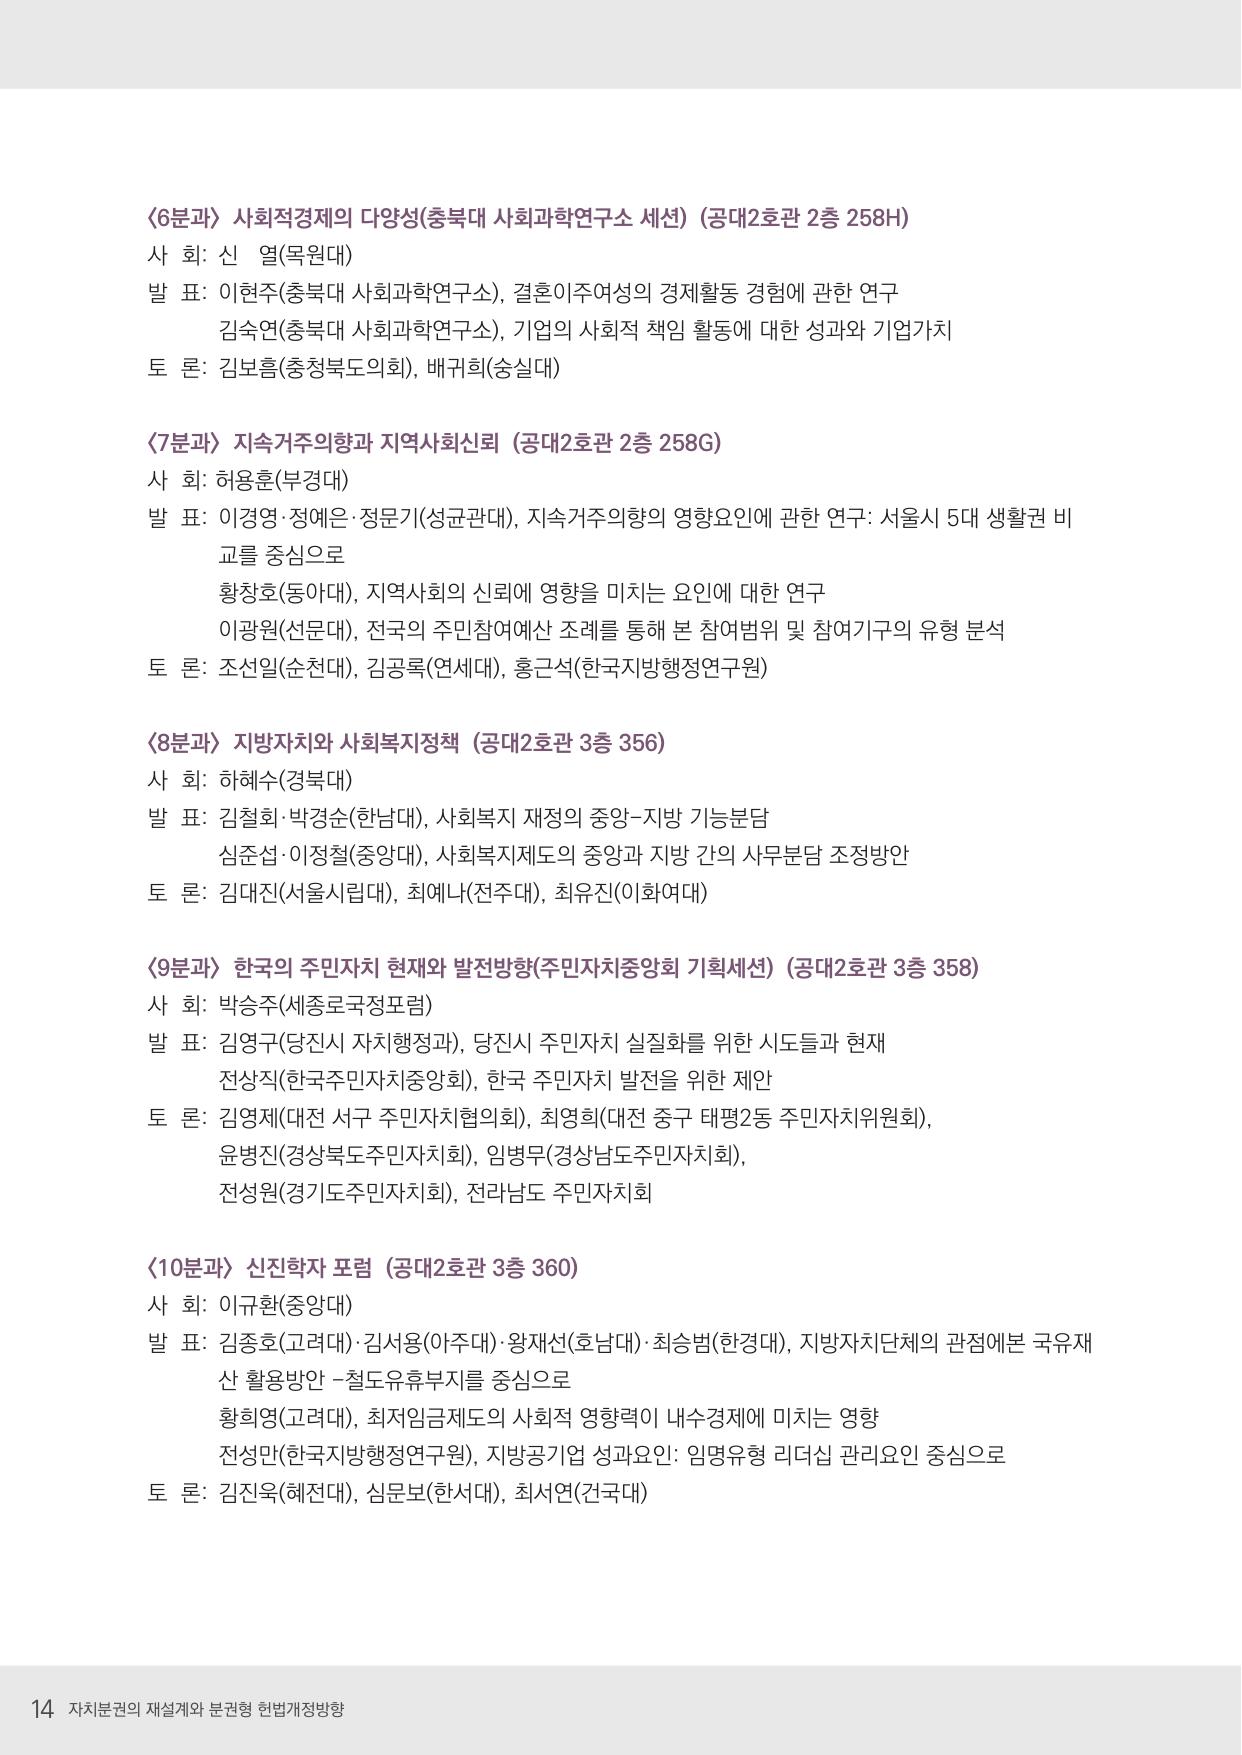 초청장_동계학술대회_한국지방자치학회(최종본)-14.jpg